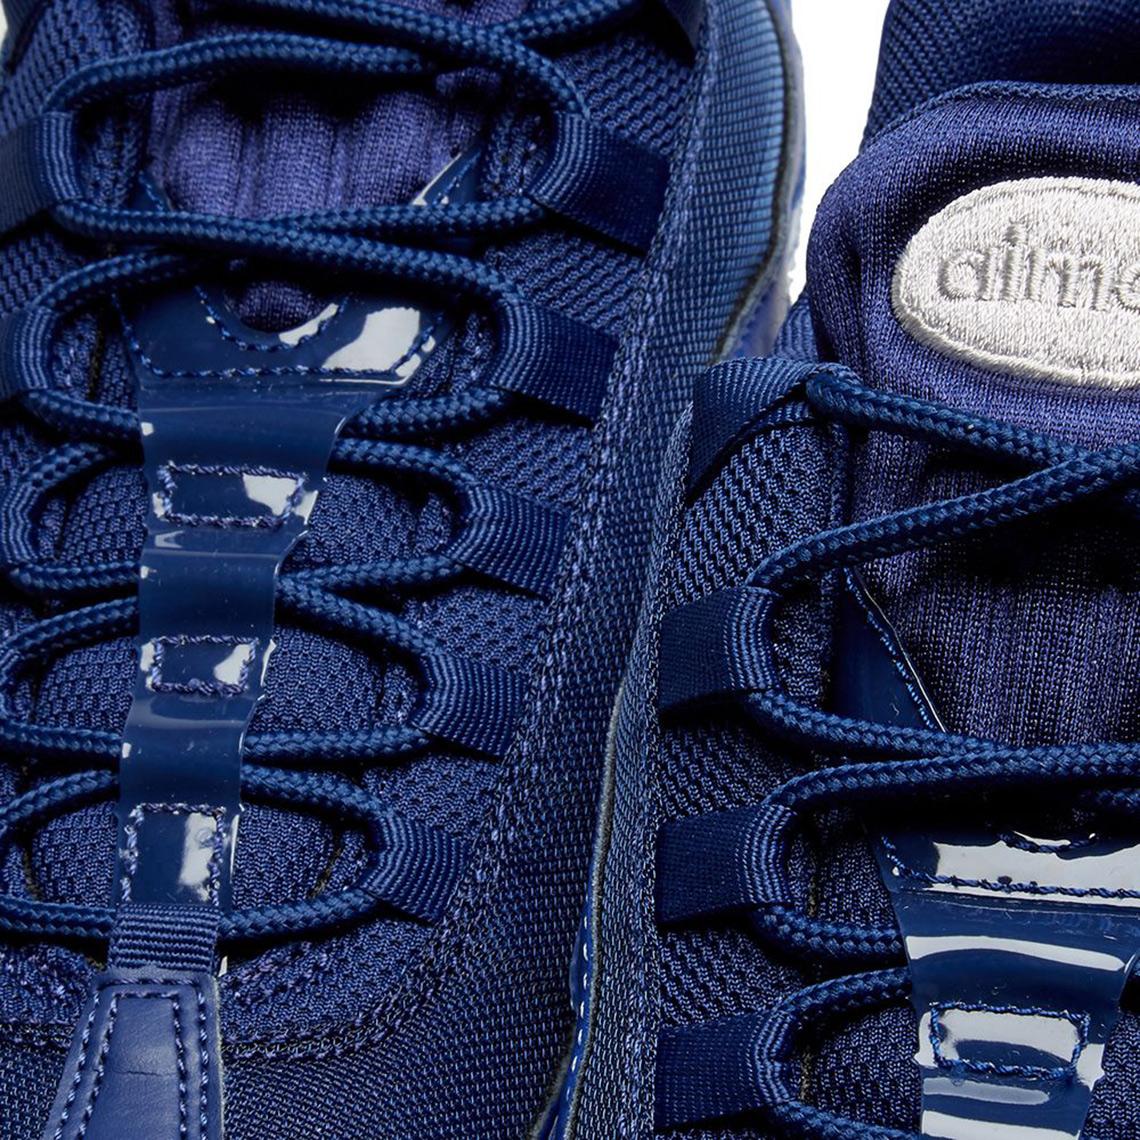 75d8eda1efad12 Nike Air Max 95 Blue Void 918413-401 Release Info